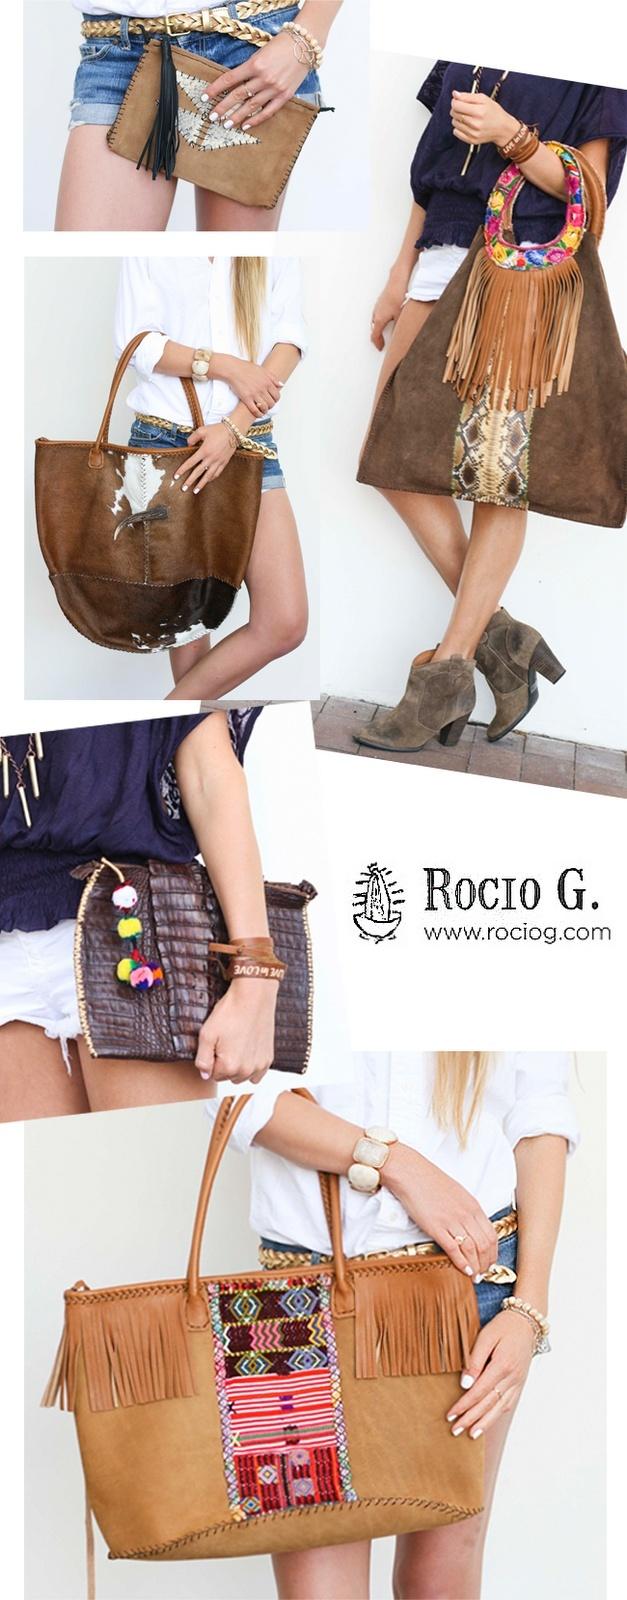 replica designer leather handbags uk, replicadesignerhandbags.com.au,